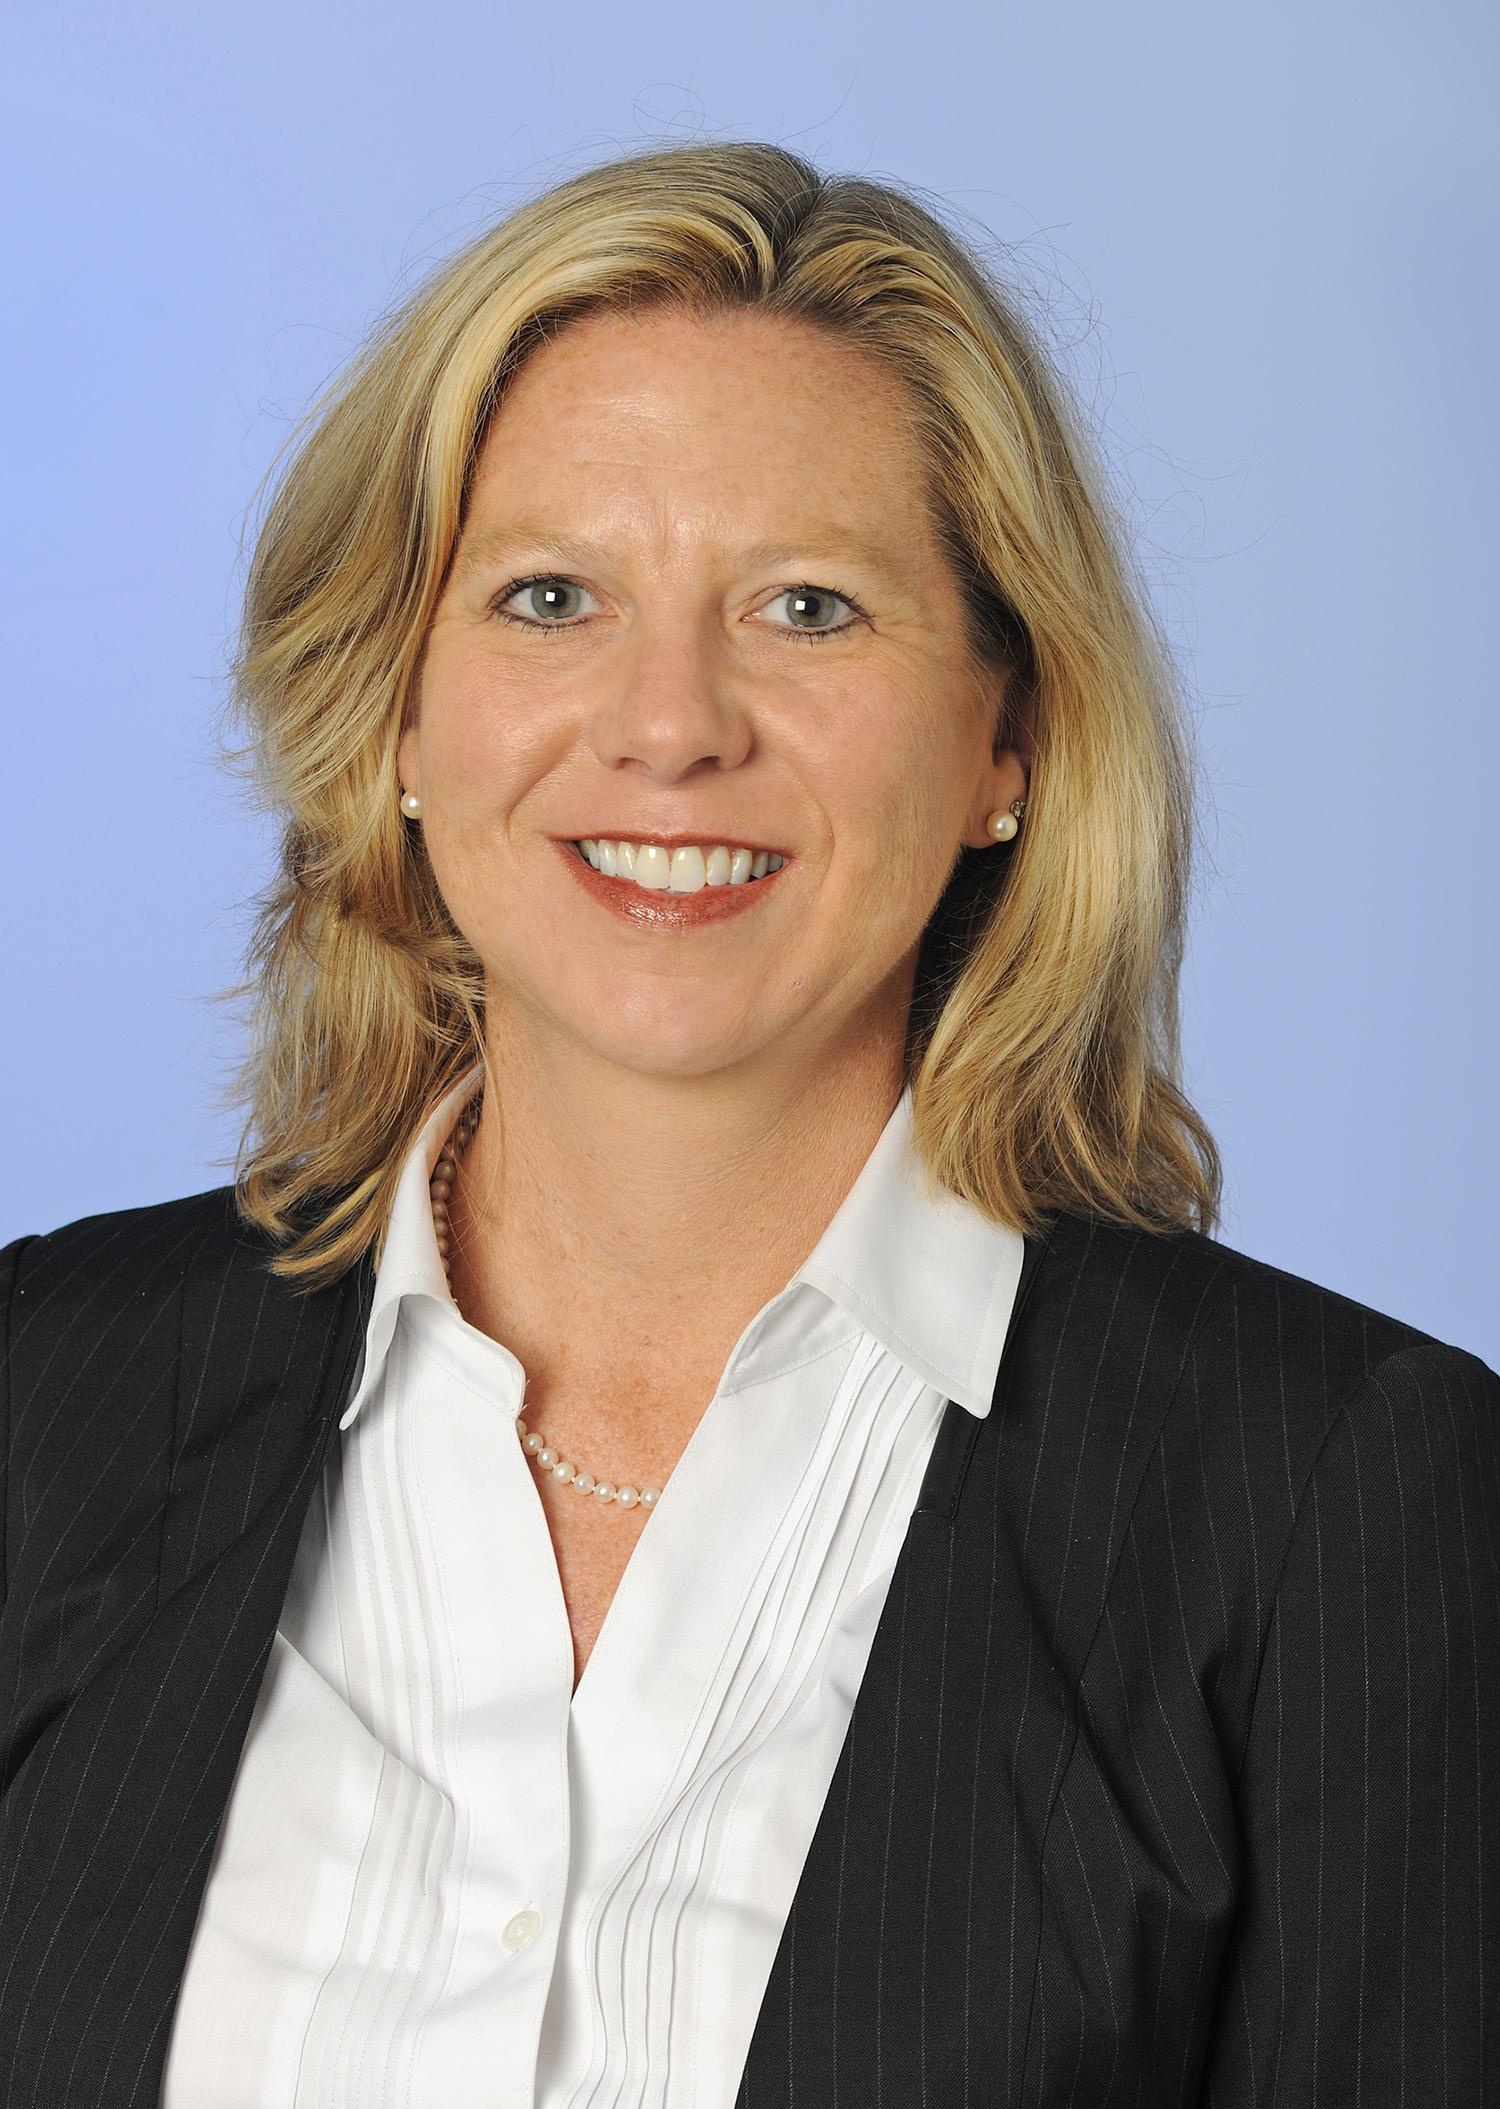 headshot of Katherine Doggett Goldsmith, JD, CLU, ChFC